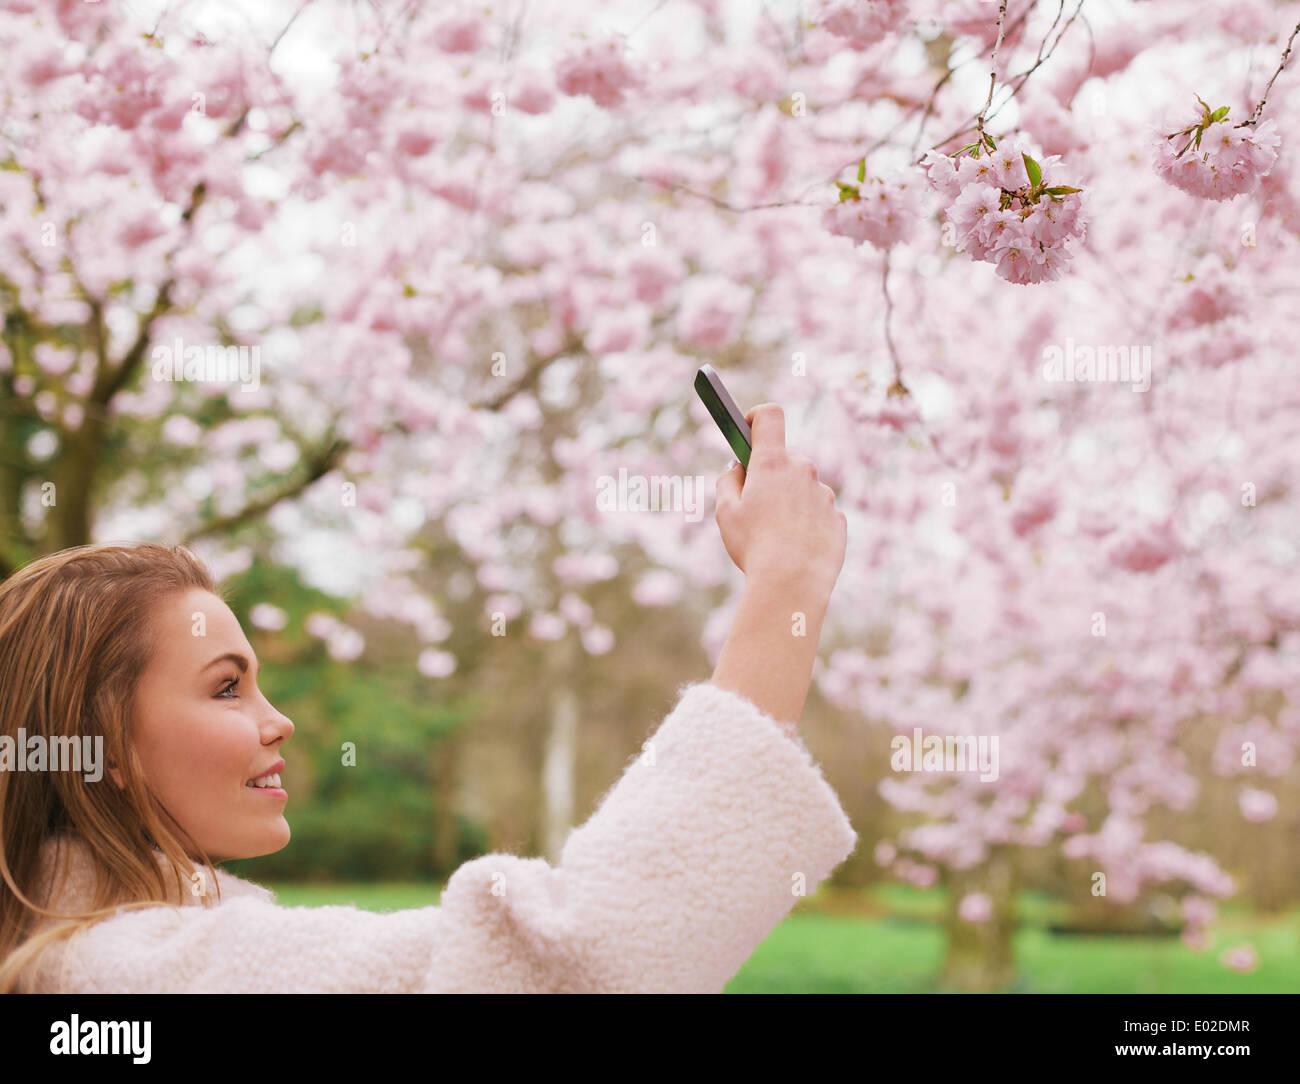 Attraktive junge Frau rosa Blüte Blumen im Frühling blühen Park zu fotografieren. Schöne kaukasischen Stockbild